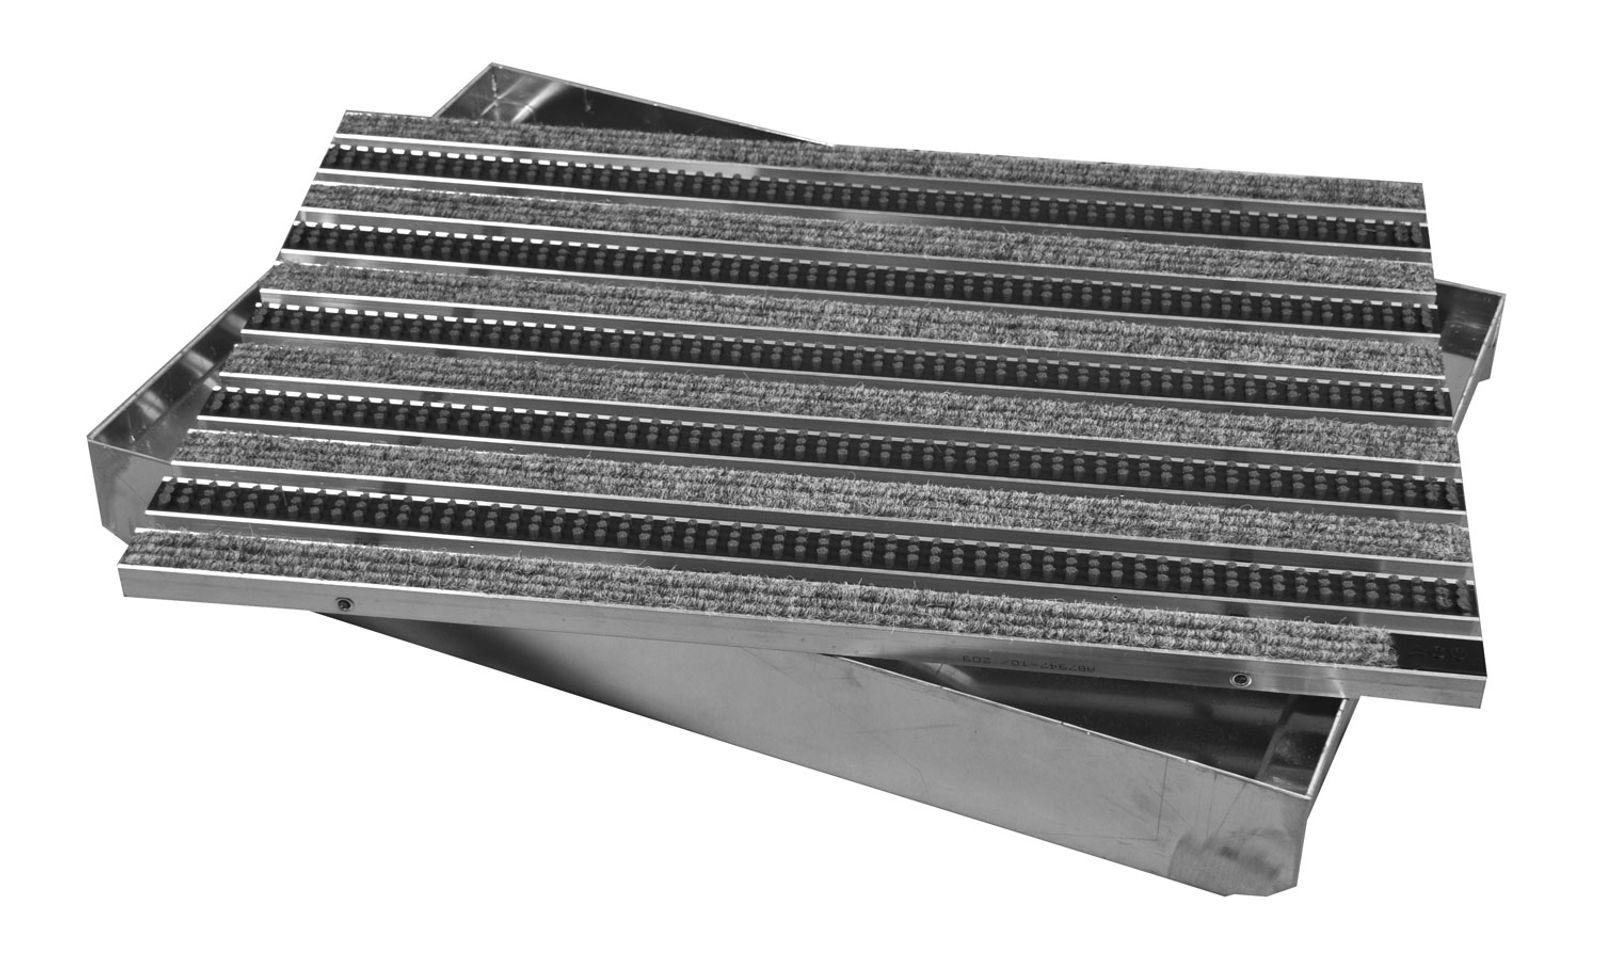 ACO Vario Schuhabstreifer-Matte 75x50 cm Fu/ßmatte aus hellgrauen Rips-Streifen und Cassetten-B/ürsten f/ür au/ßen